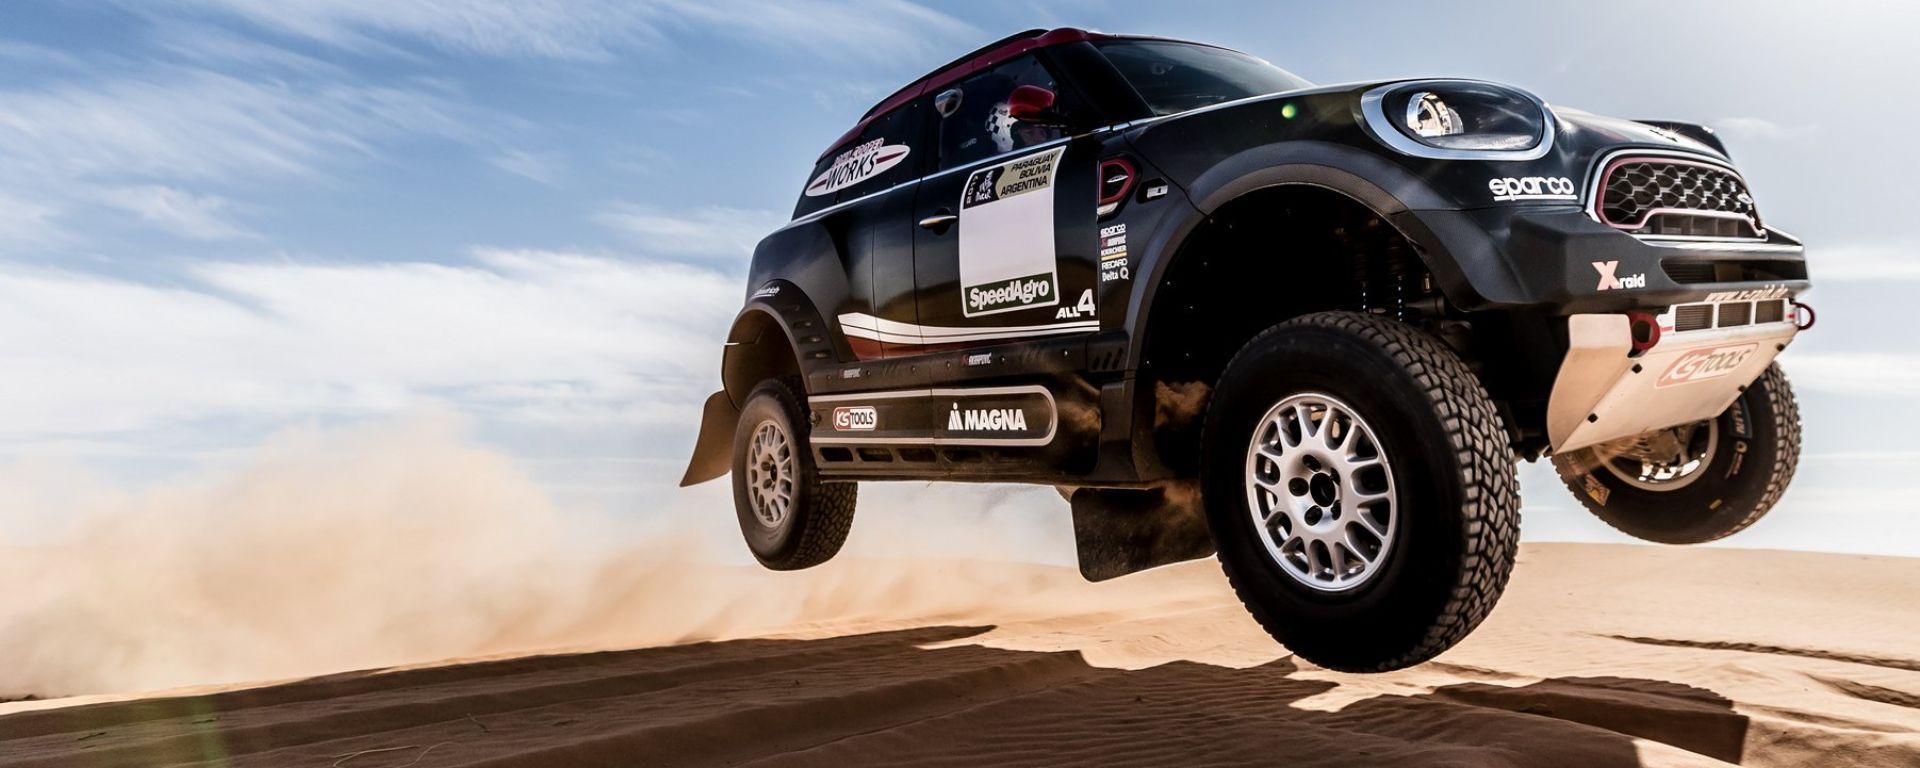 Dakar 2017: tutti i segreti della Mini John Cooper Works Rally